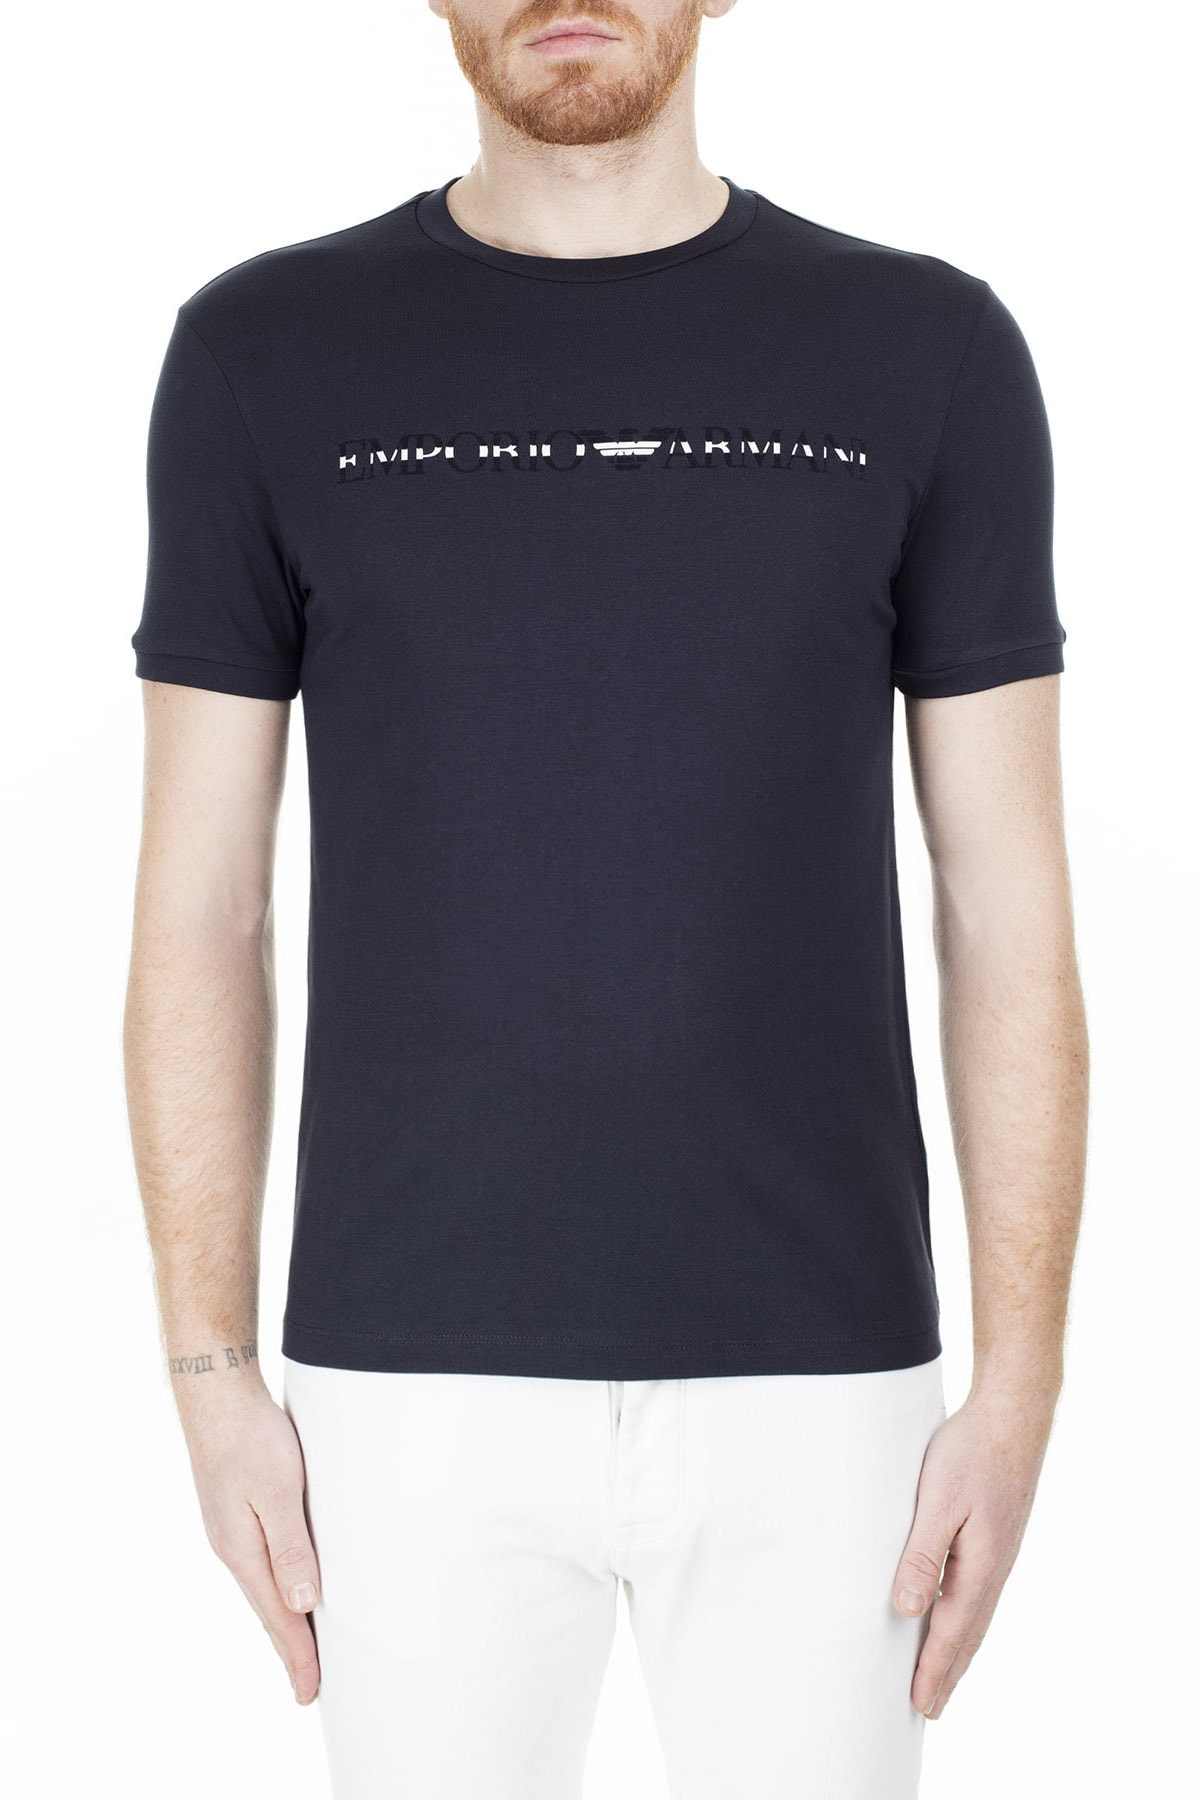 Emporio Armani T Shirt Erkek T Shirt 3H1T67 1J30Z 0922